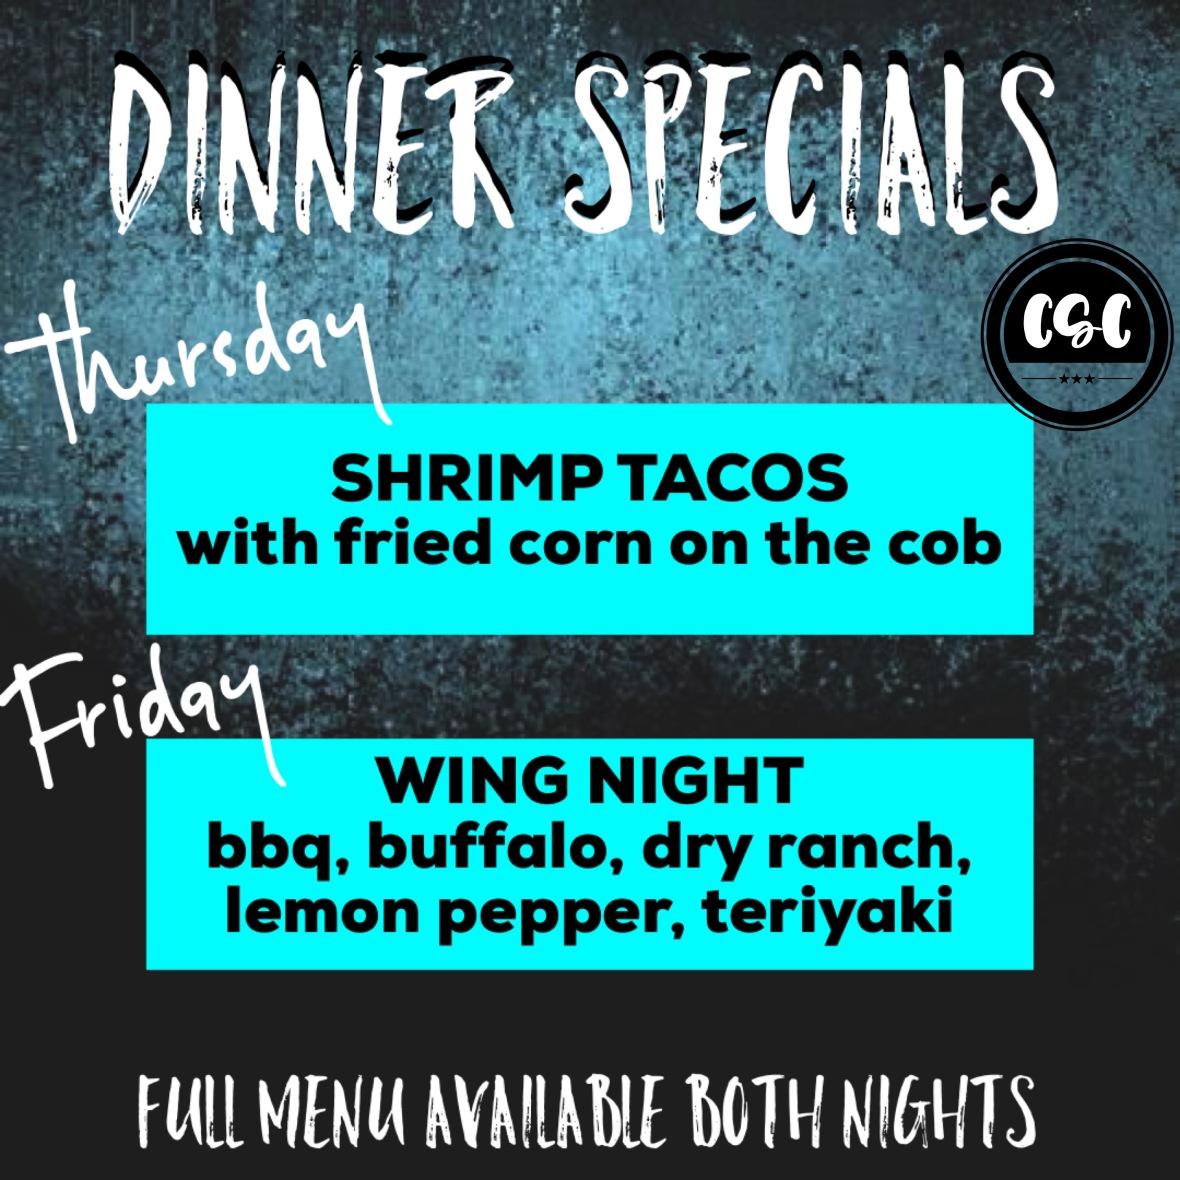 dinner specials may 2